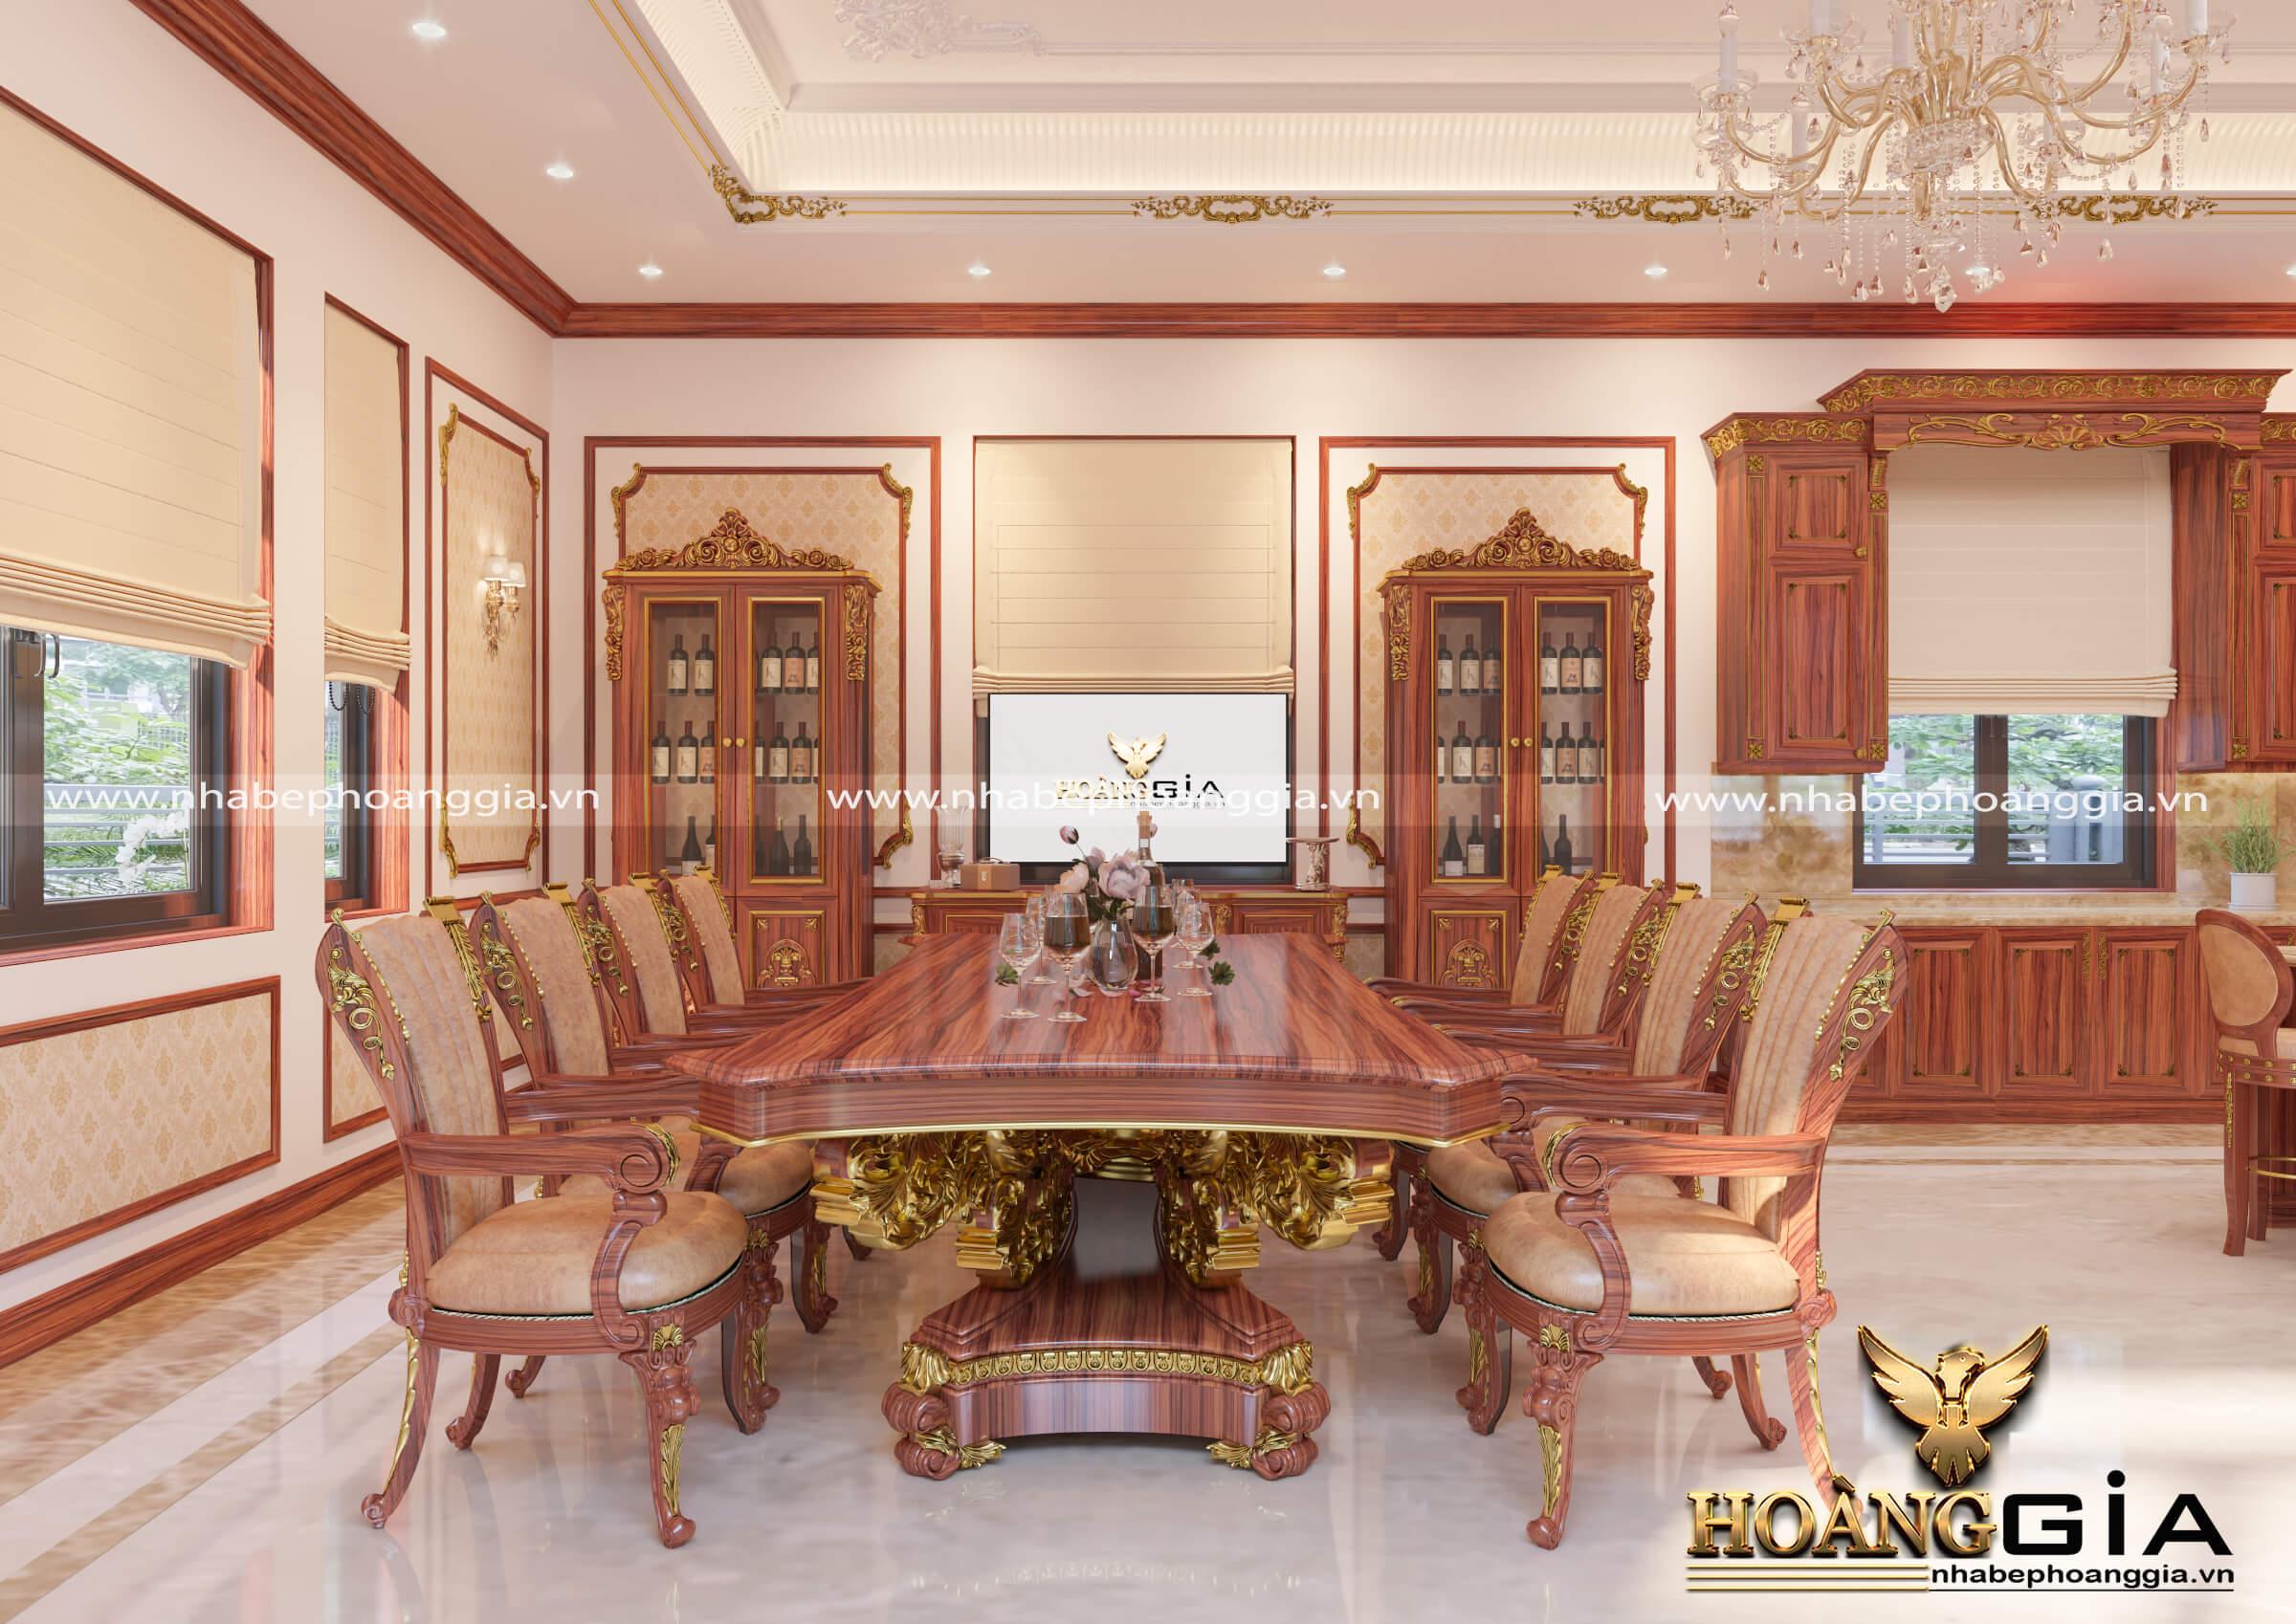 vị trí đặt bàn ăn theo phong thủy